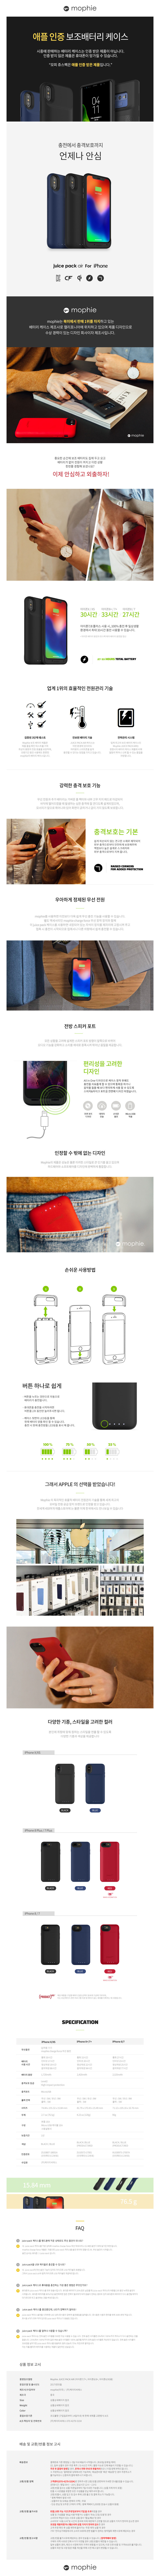 mophie 모피 쥬스팩 아이폰 보조배터리 케이스 - 모피, 79,900원, 보조배터리, 3000mAh 이하